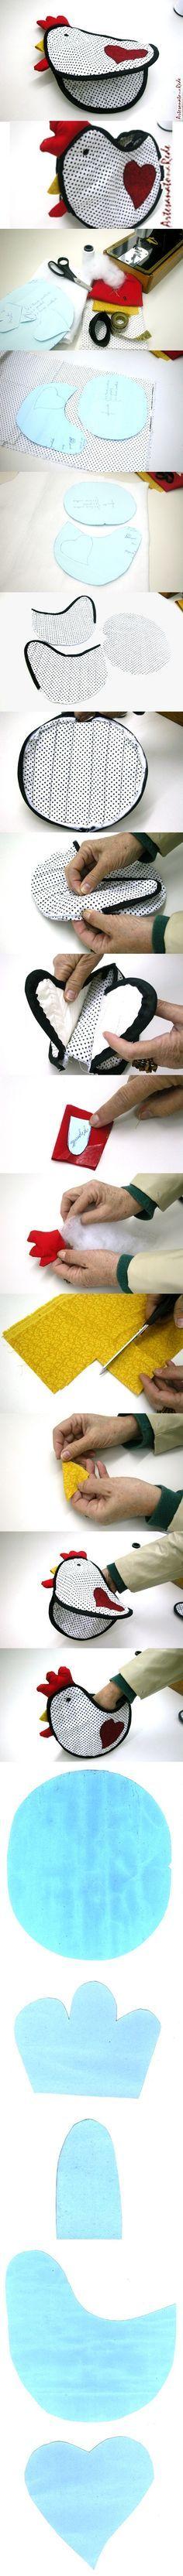 How to make chicken potholders - step by step images. - - - - - - - - - Pegador de Panelas galinha: